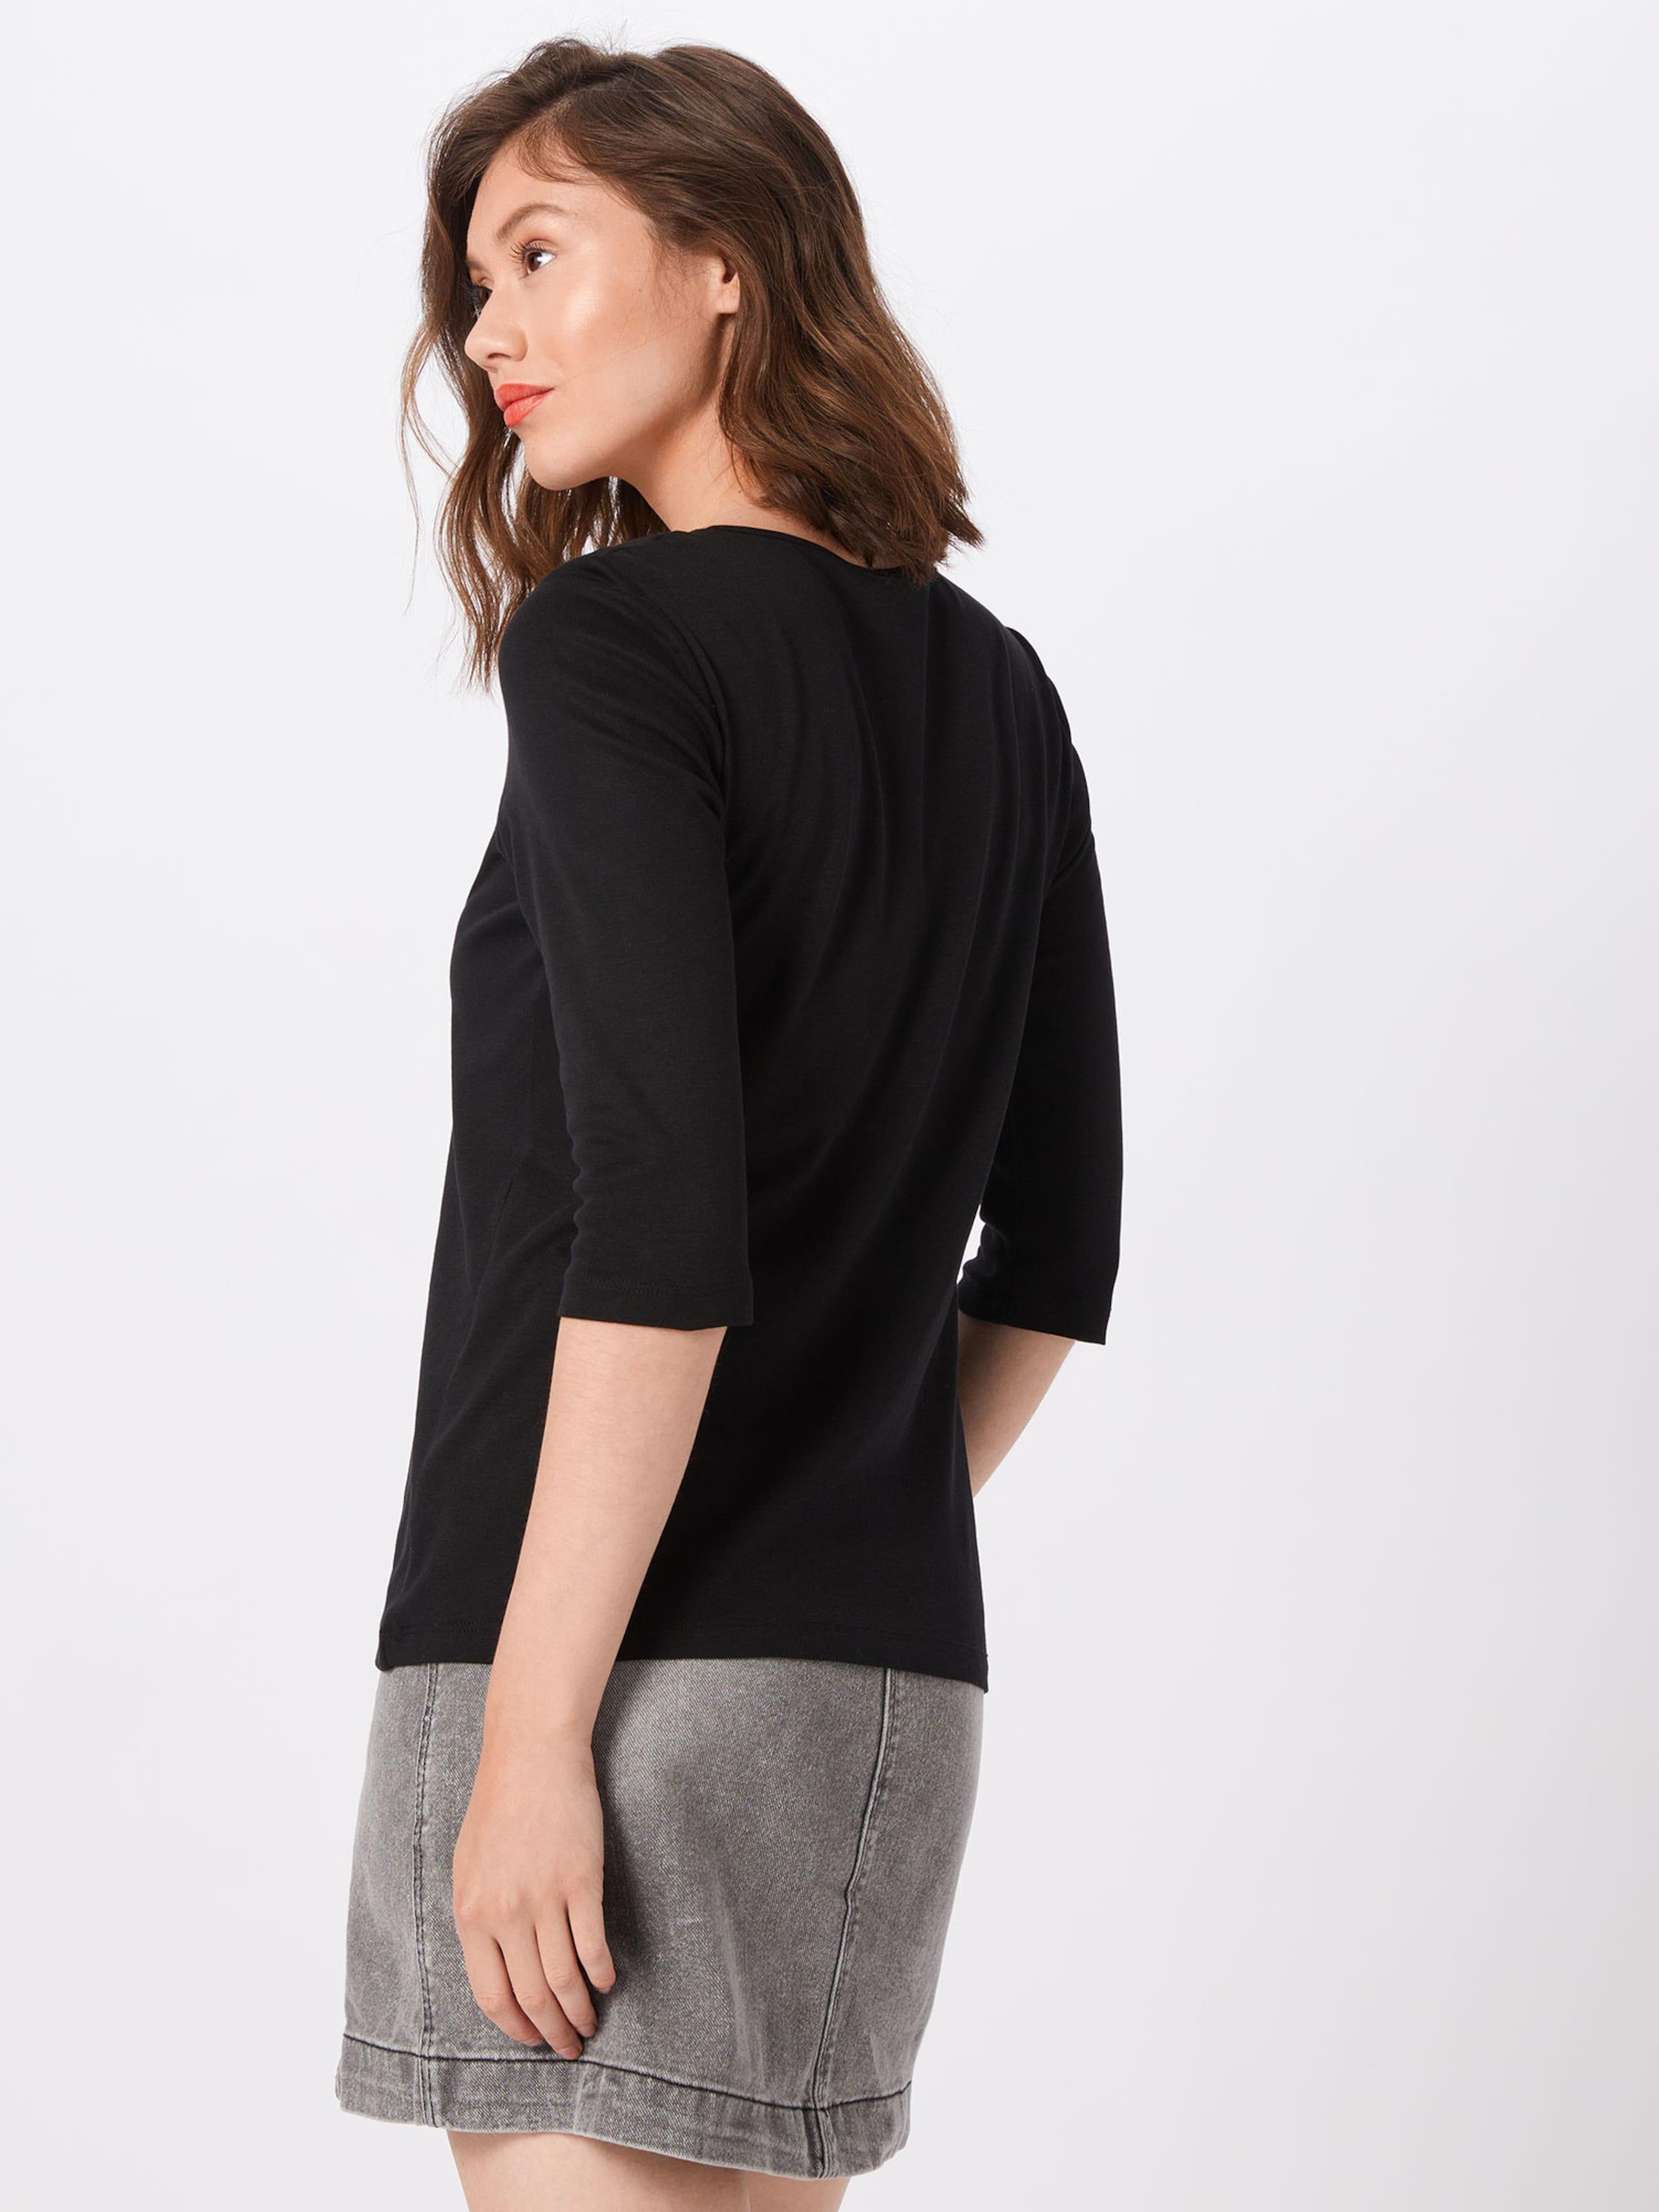 One En Pania' Noir Street T 'qr shirt XOiTPZuk